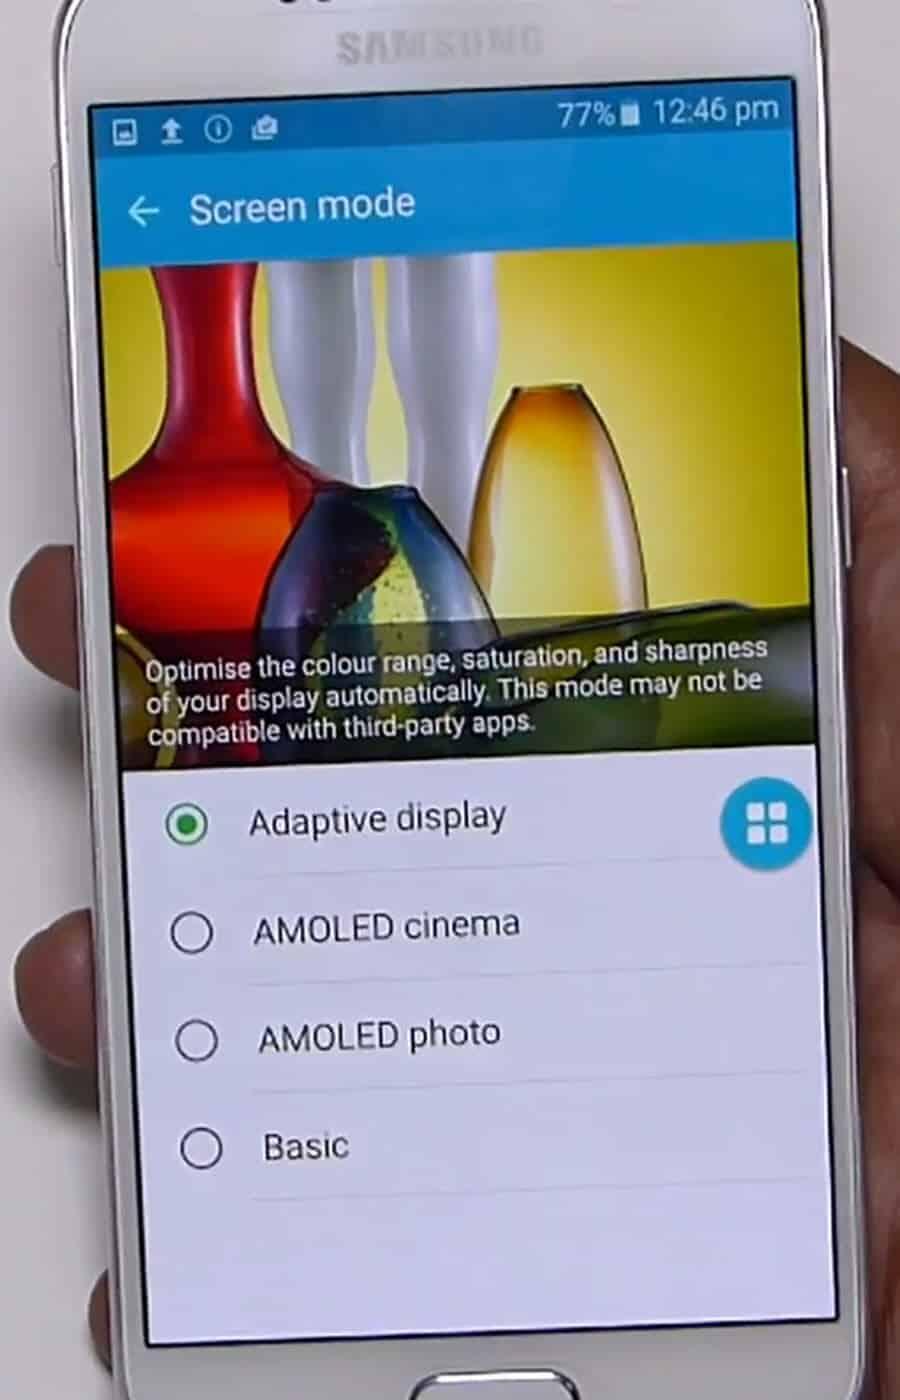 Samsung S6 Screen Mode